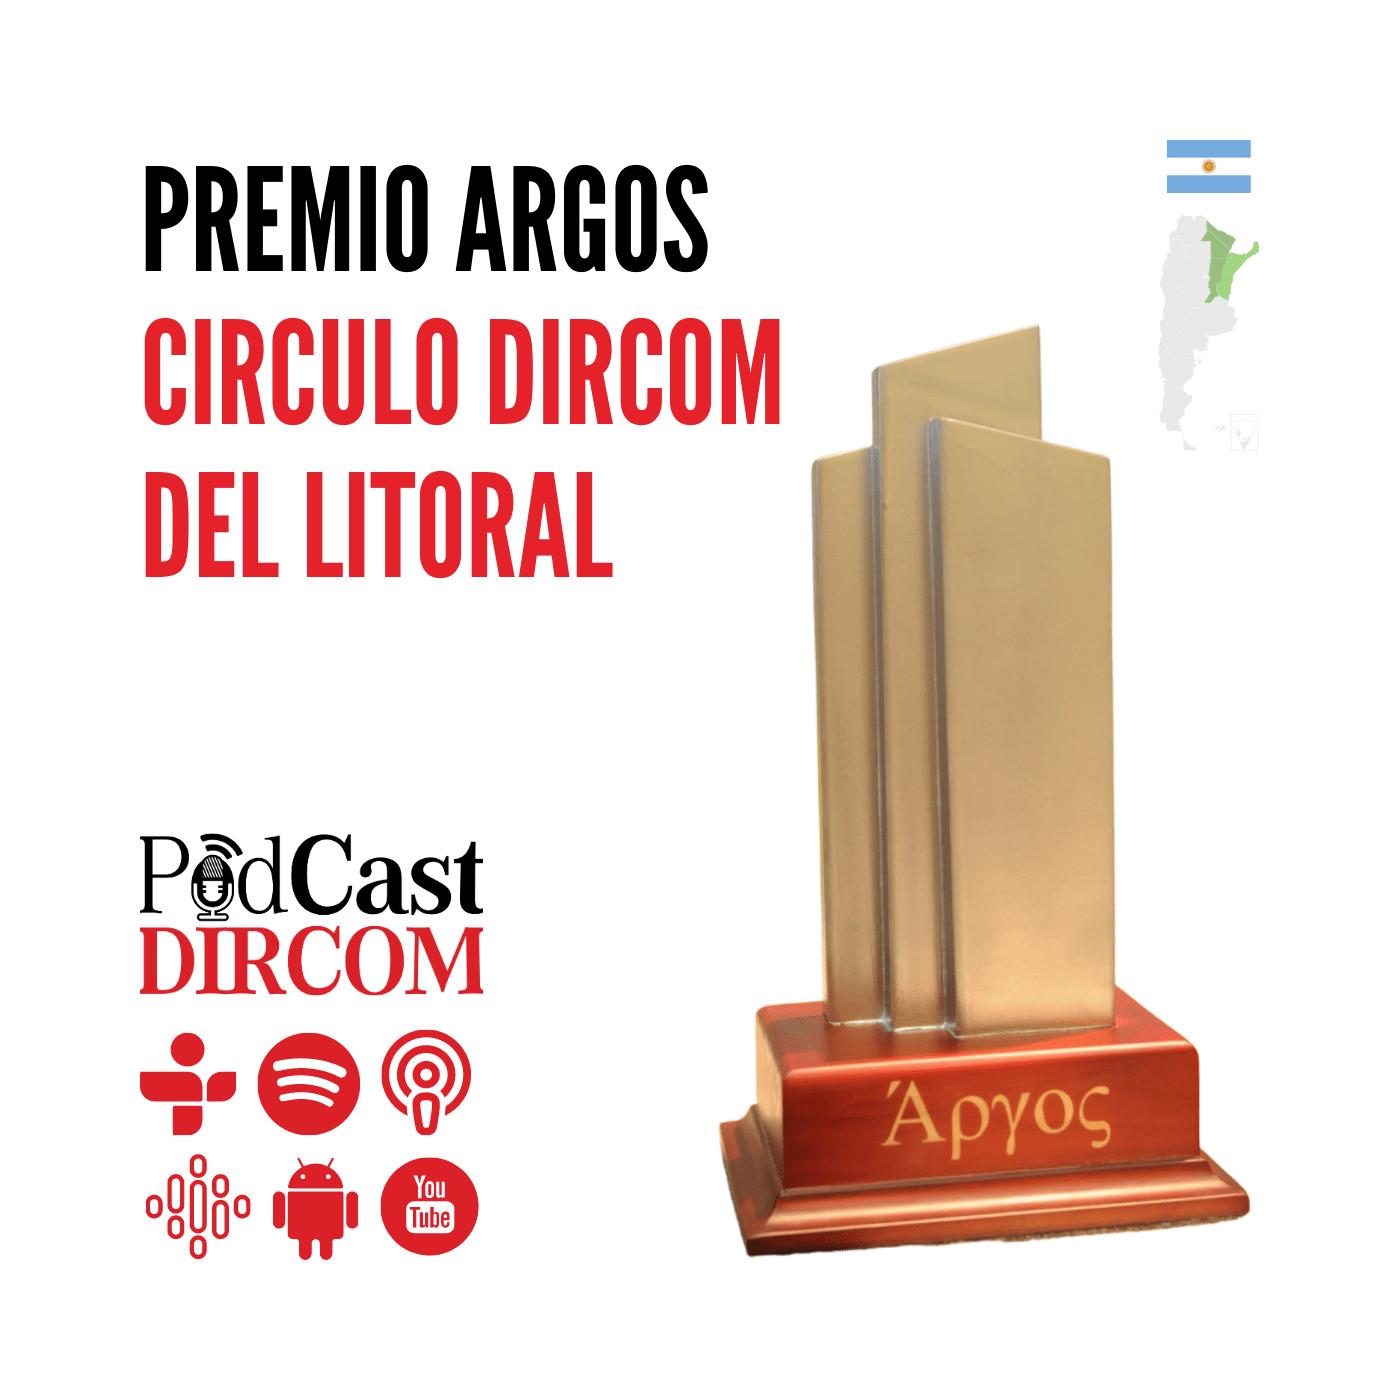 Premio Argos Circulo DIRCOM del Litoral